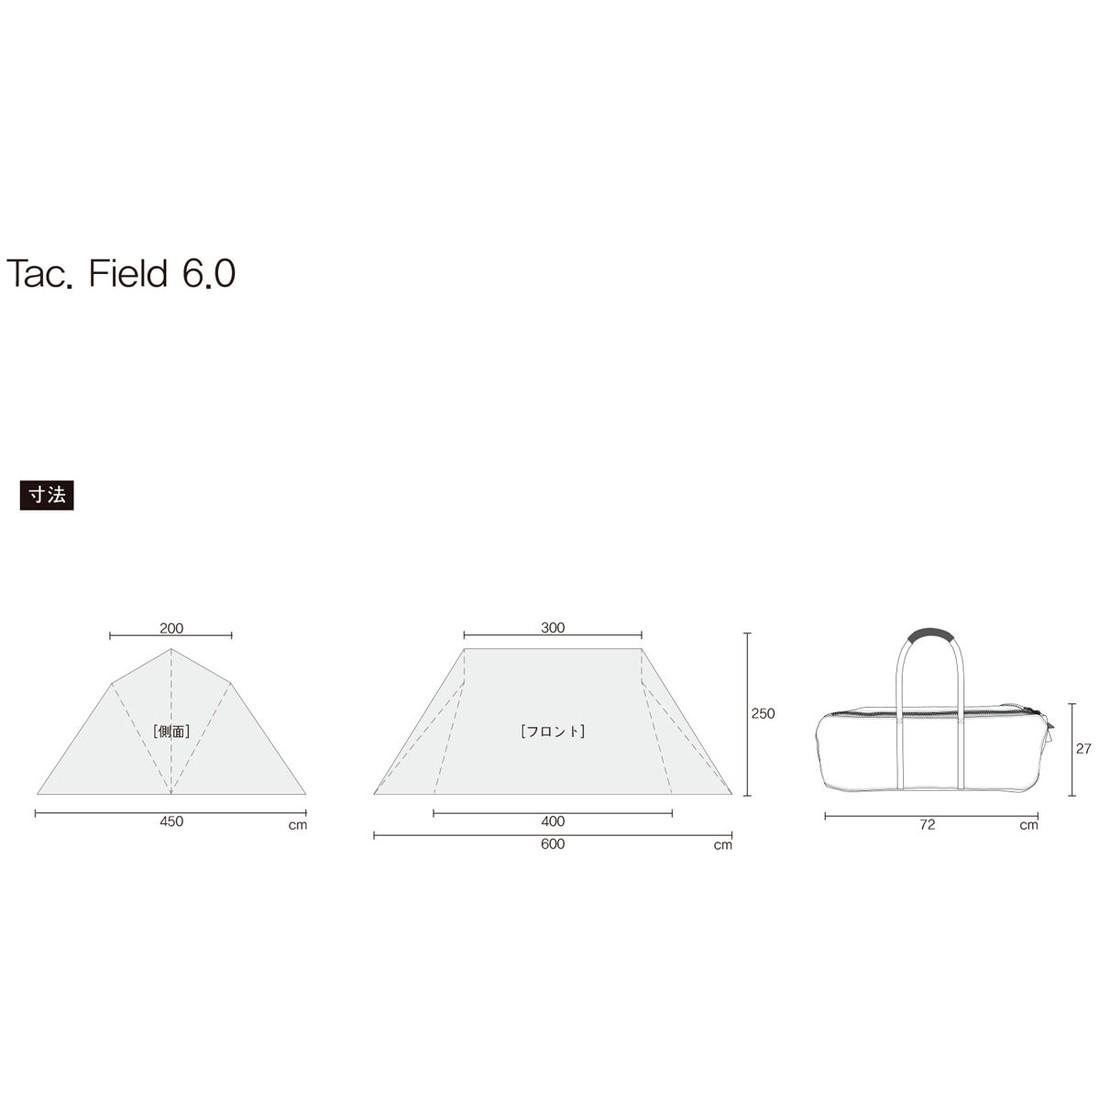 ヘリノックス タクティカル フィールド6.0 テント  国内正規品